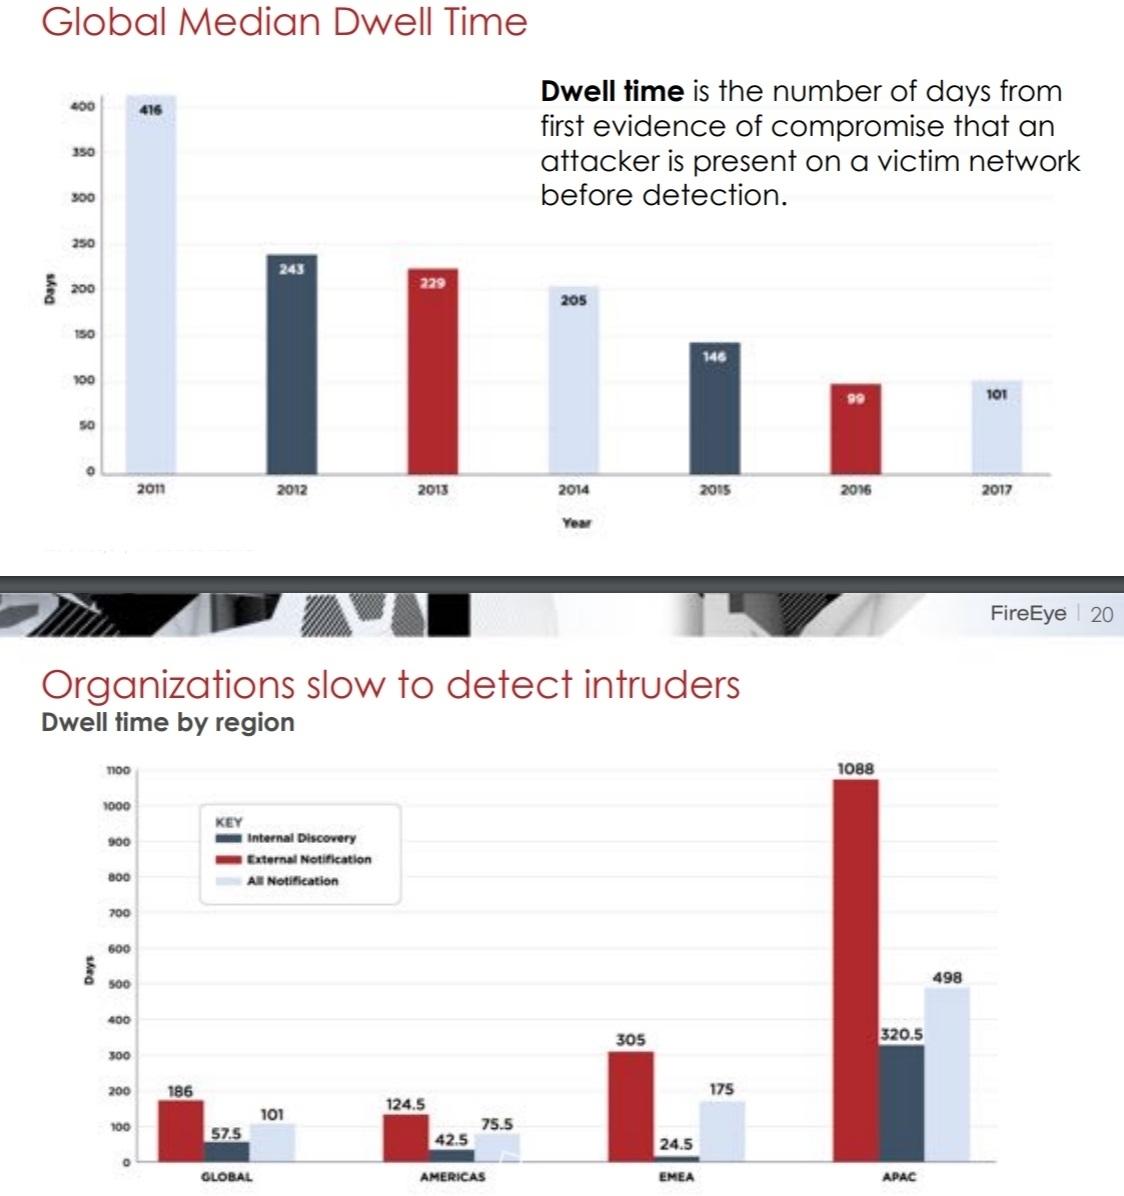 ▲ 공격자들의 체류시간(Dwell time)이 글로벌 평균에 비해 아태지역이 상당히 높게 조사됐다. 보안성숙도가 상대적으로 떨어지고 있다고 지적하고 있다.